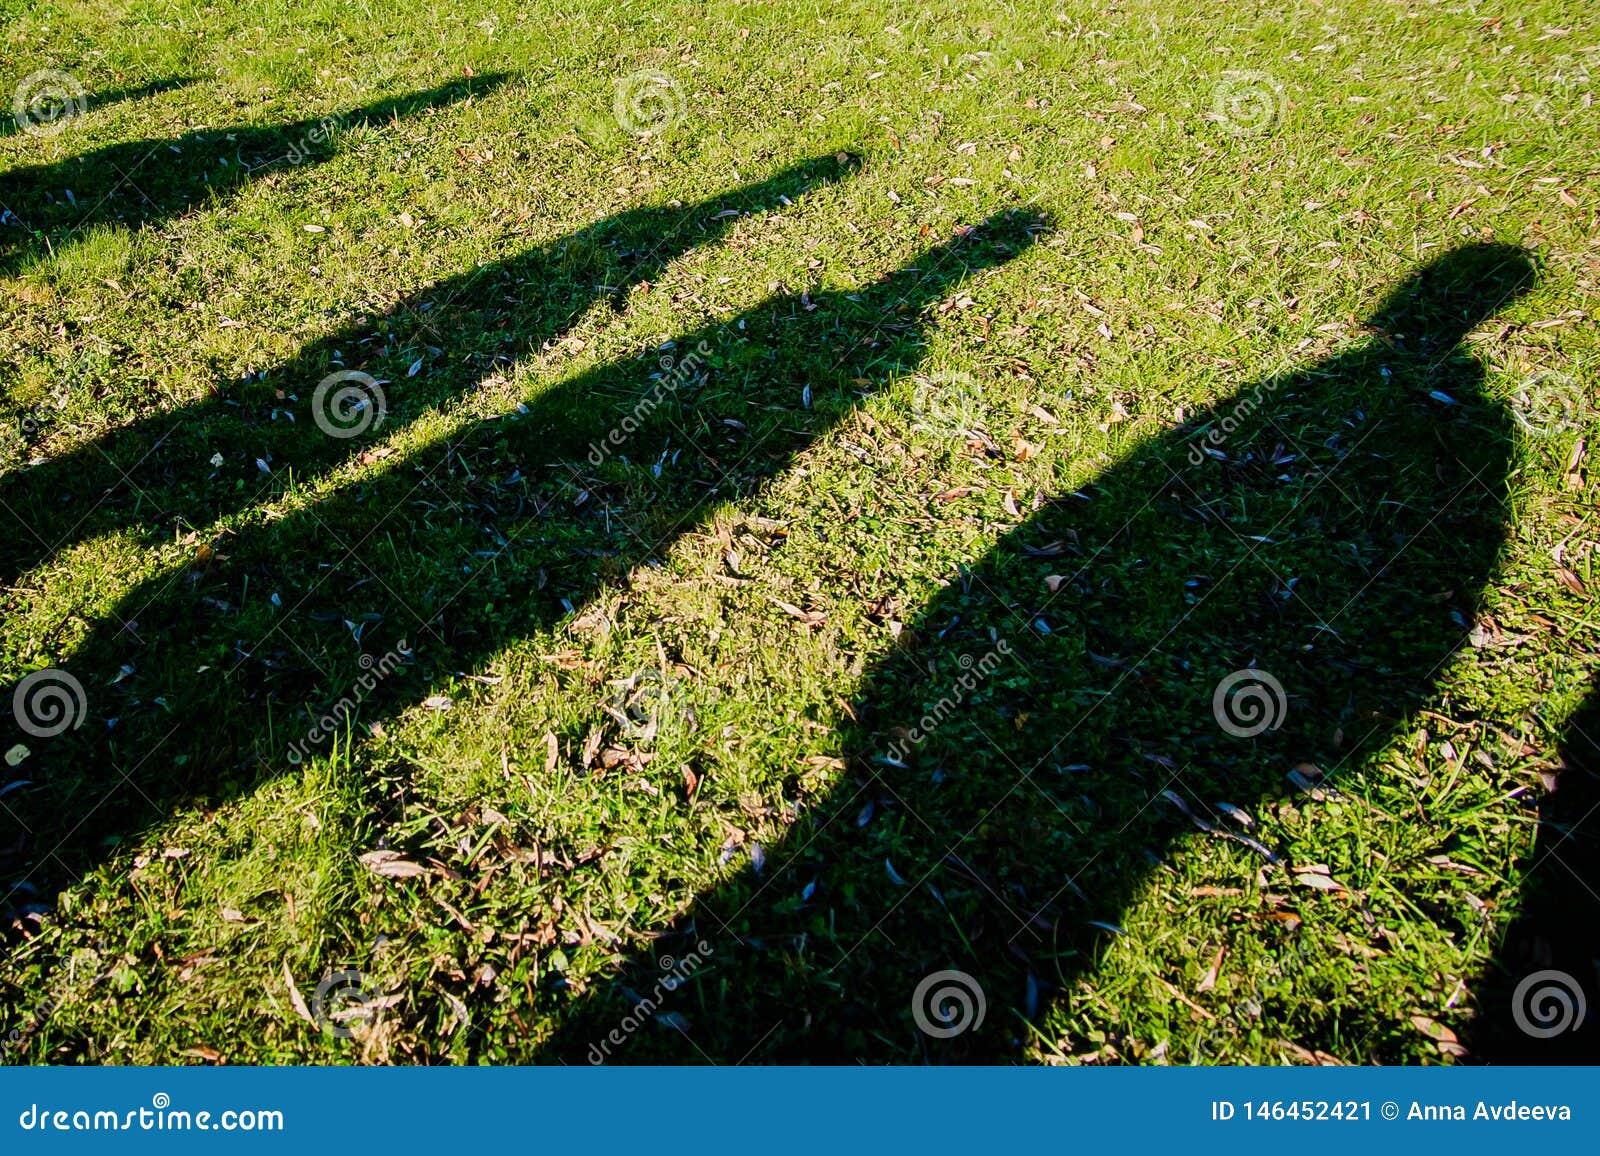 Σκιές διάφορων ανθρώπων στην πράσινη χλόη